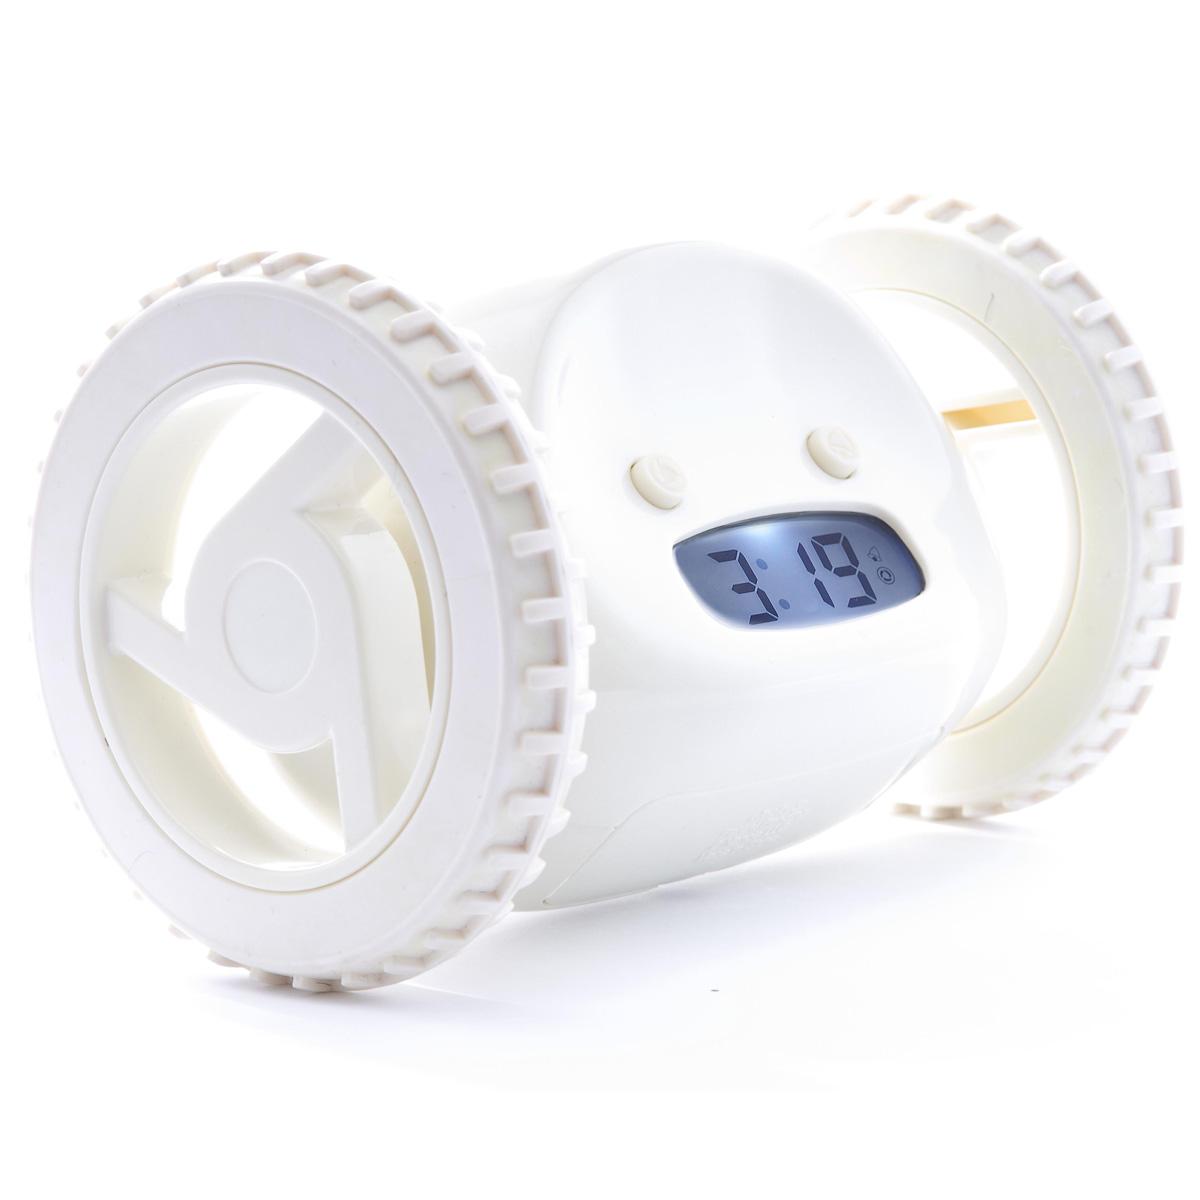 Clocky Robotic Wheeled Alarm Clock